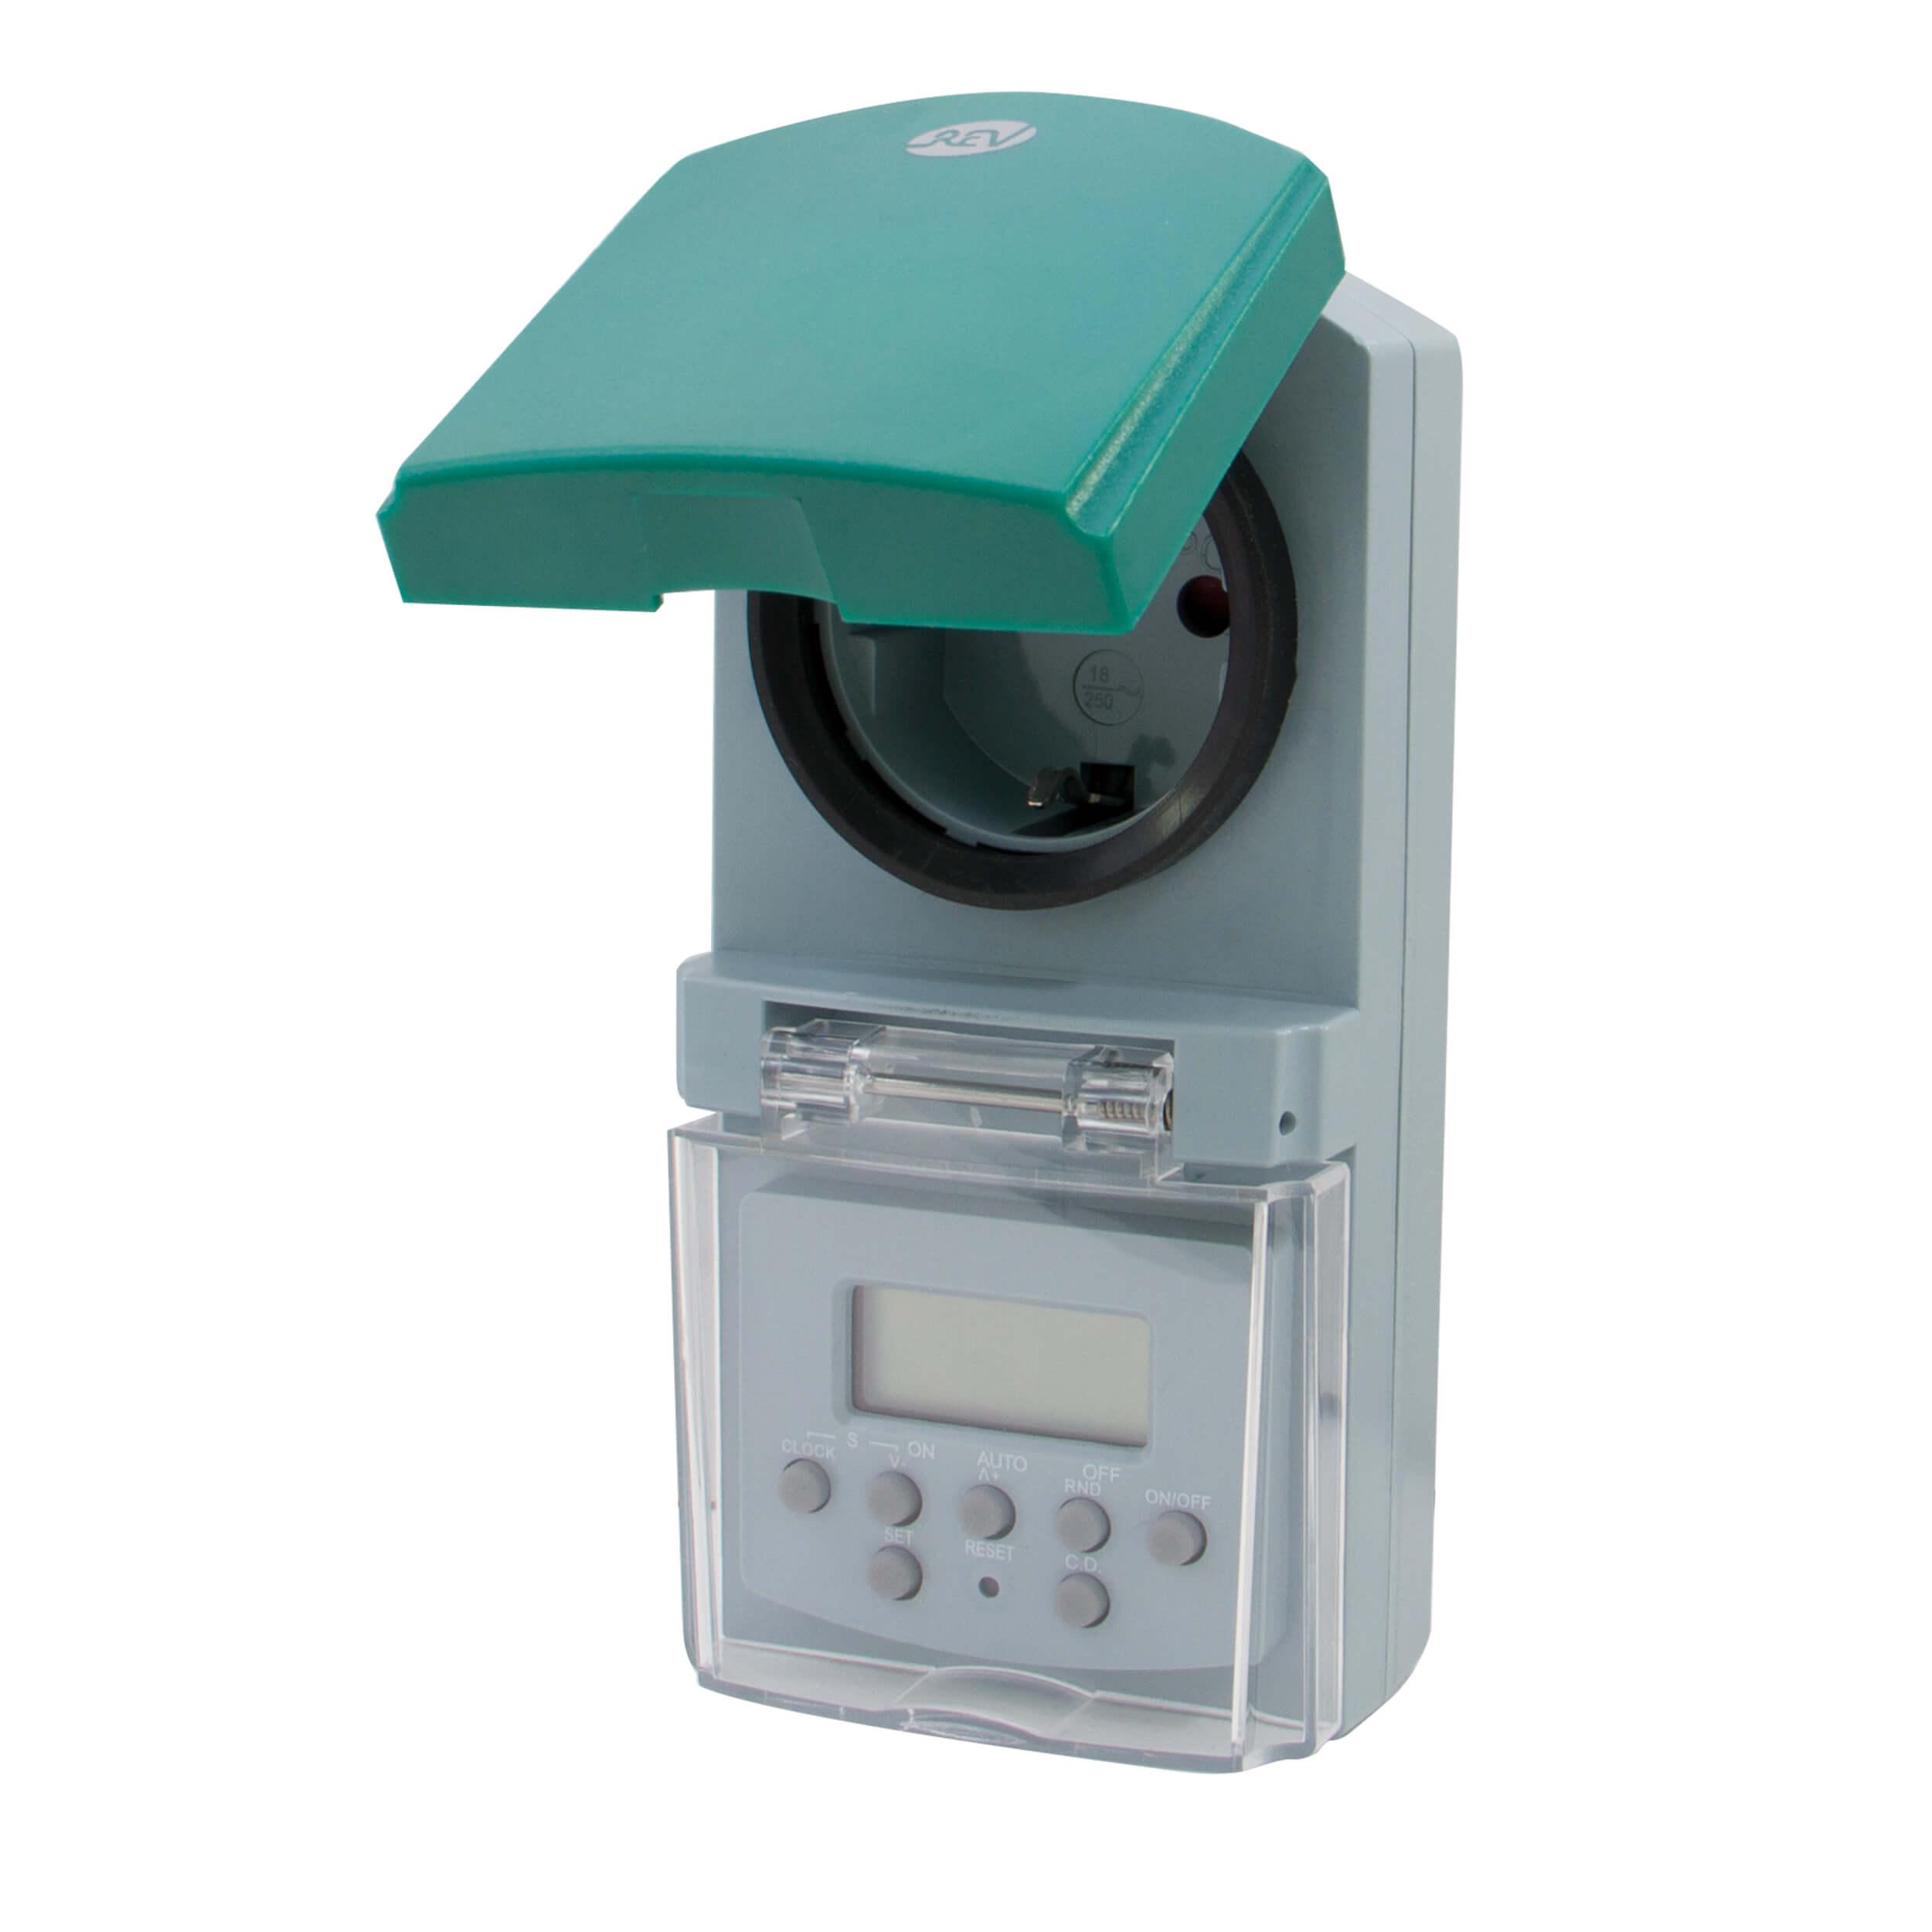 Zeitschaltuhr digital für den Außenbereich, spritzwassergeschützt, bis 1800W, 20 Schaltzeiten am Tag